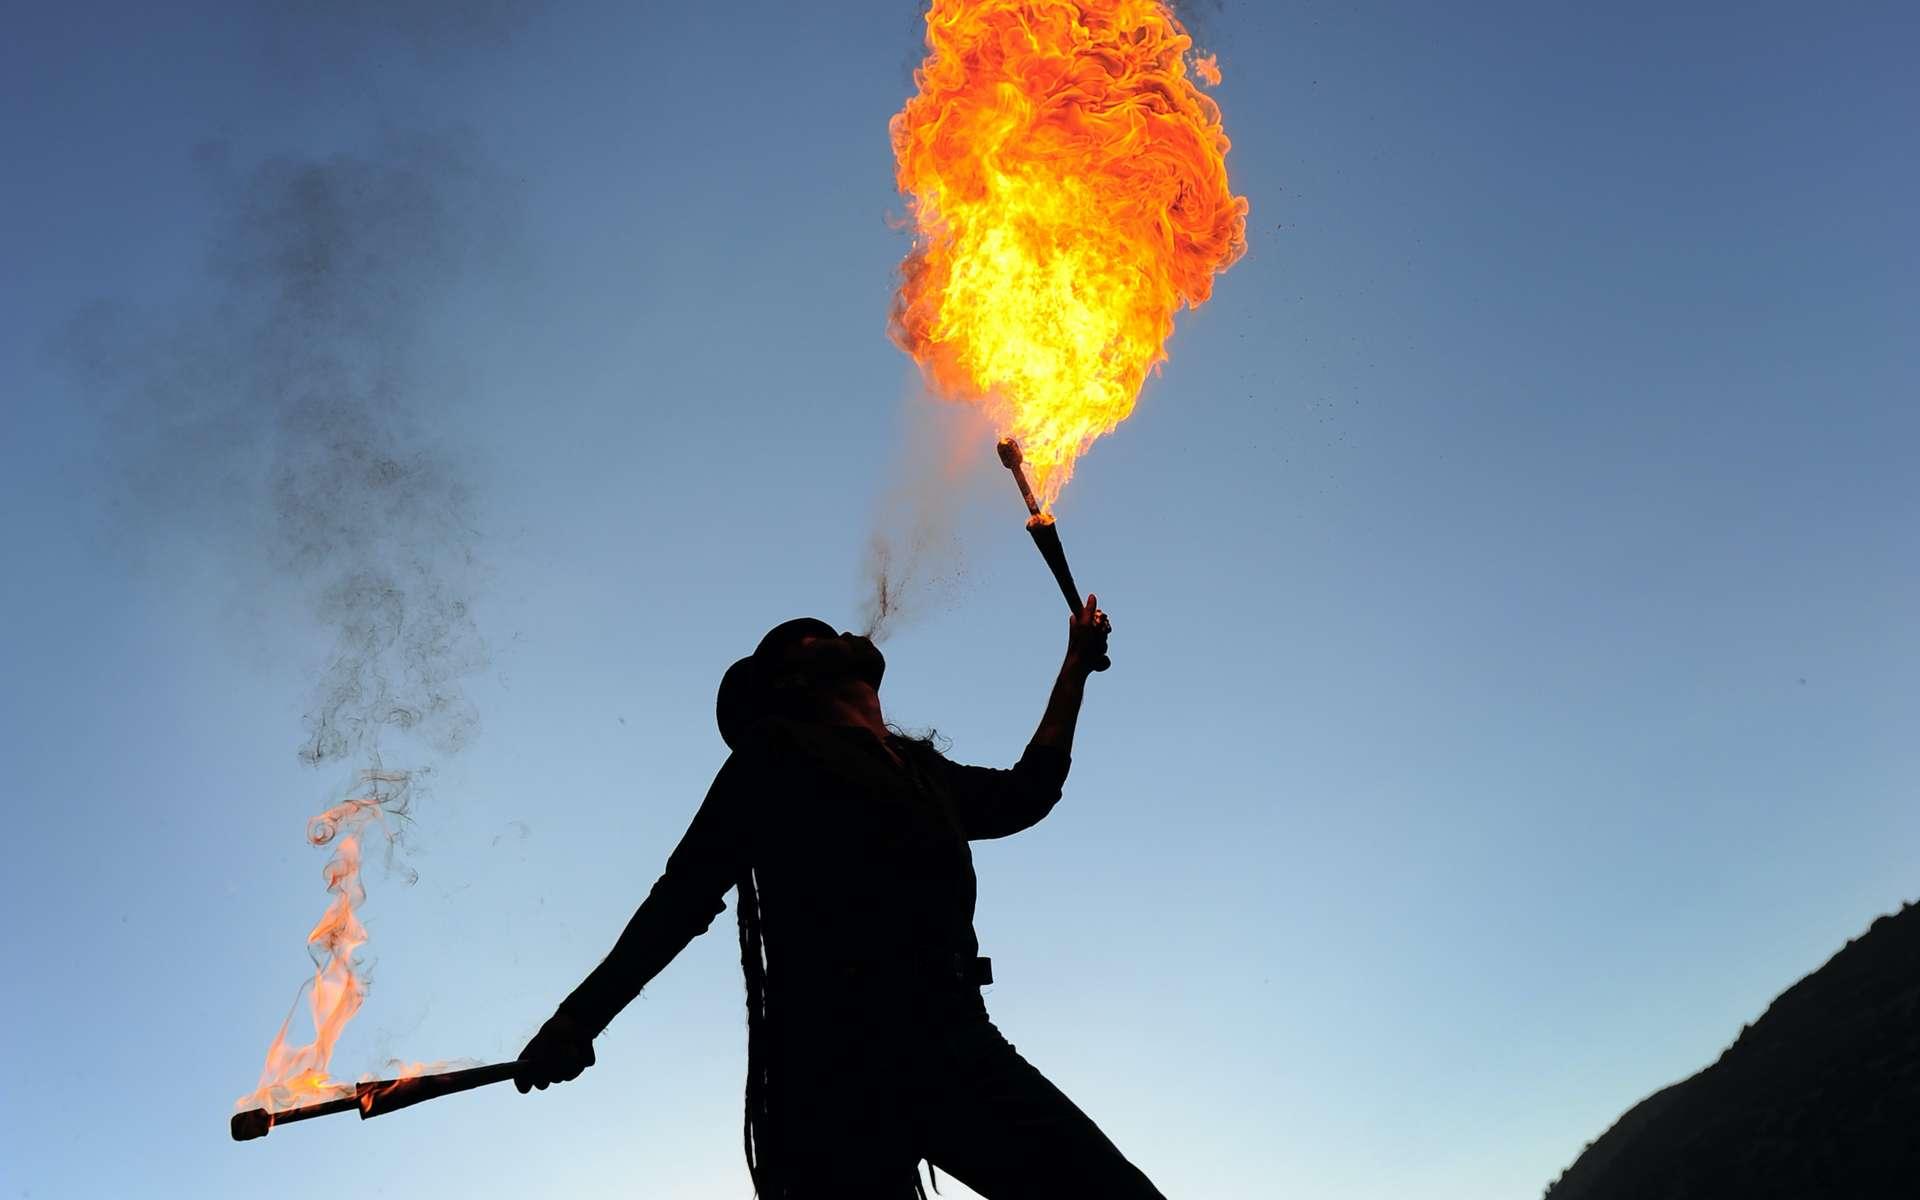 Le cracheur de feu vaporise le liquide inflammable sur une flamme, ce qui engendre des vapeurs qui s'enflamment et forment une boule de feu. © Rémy Masseglia, Adobe Stock